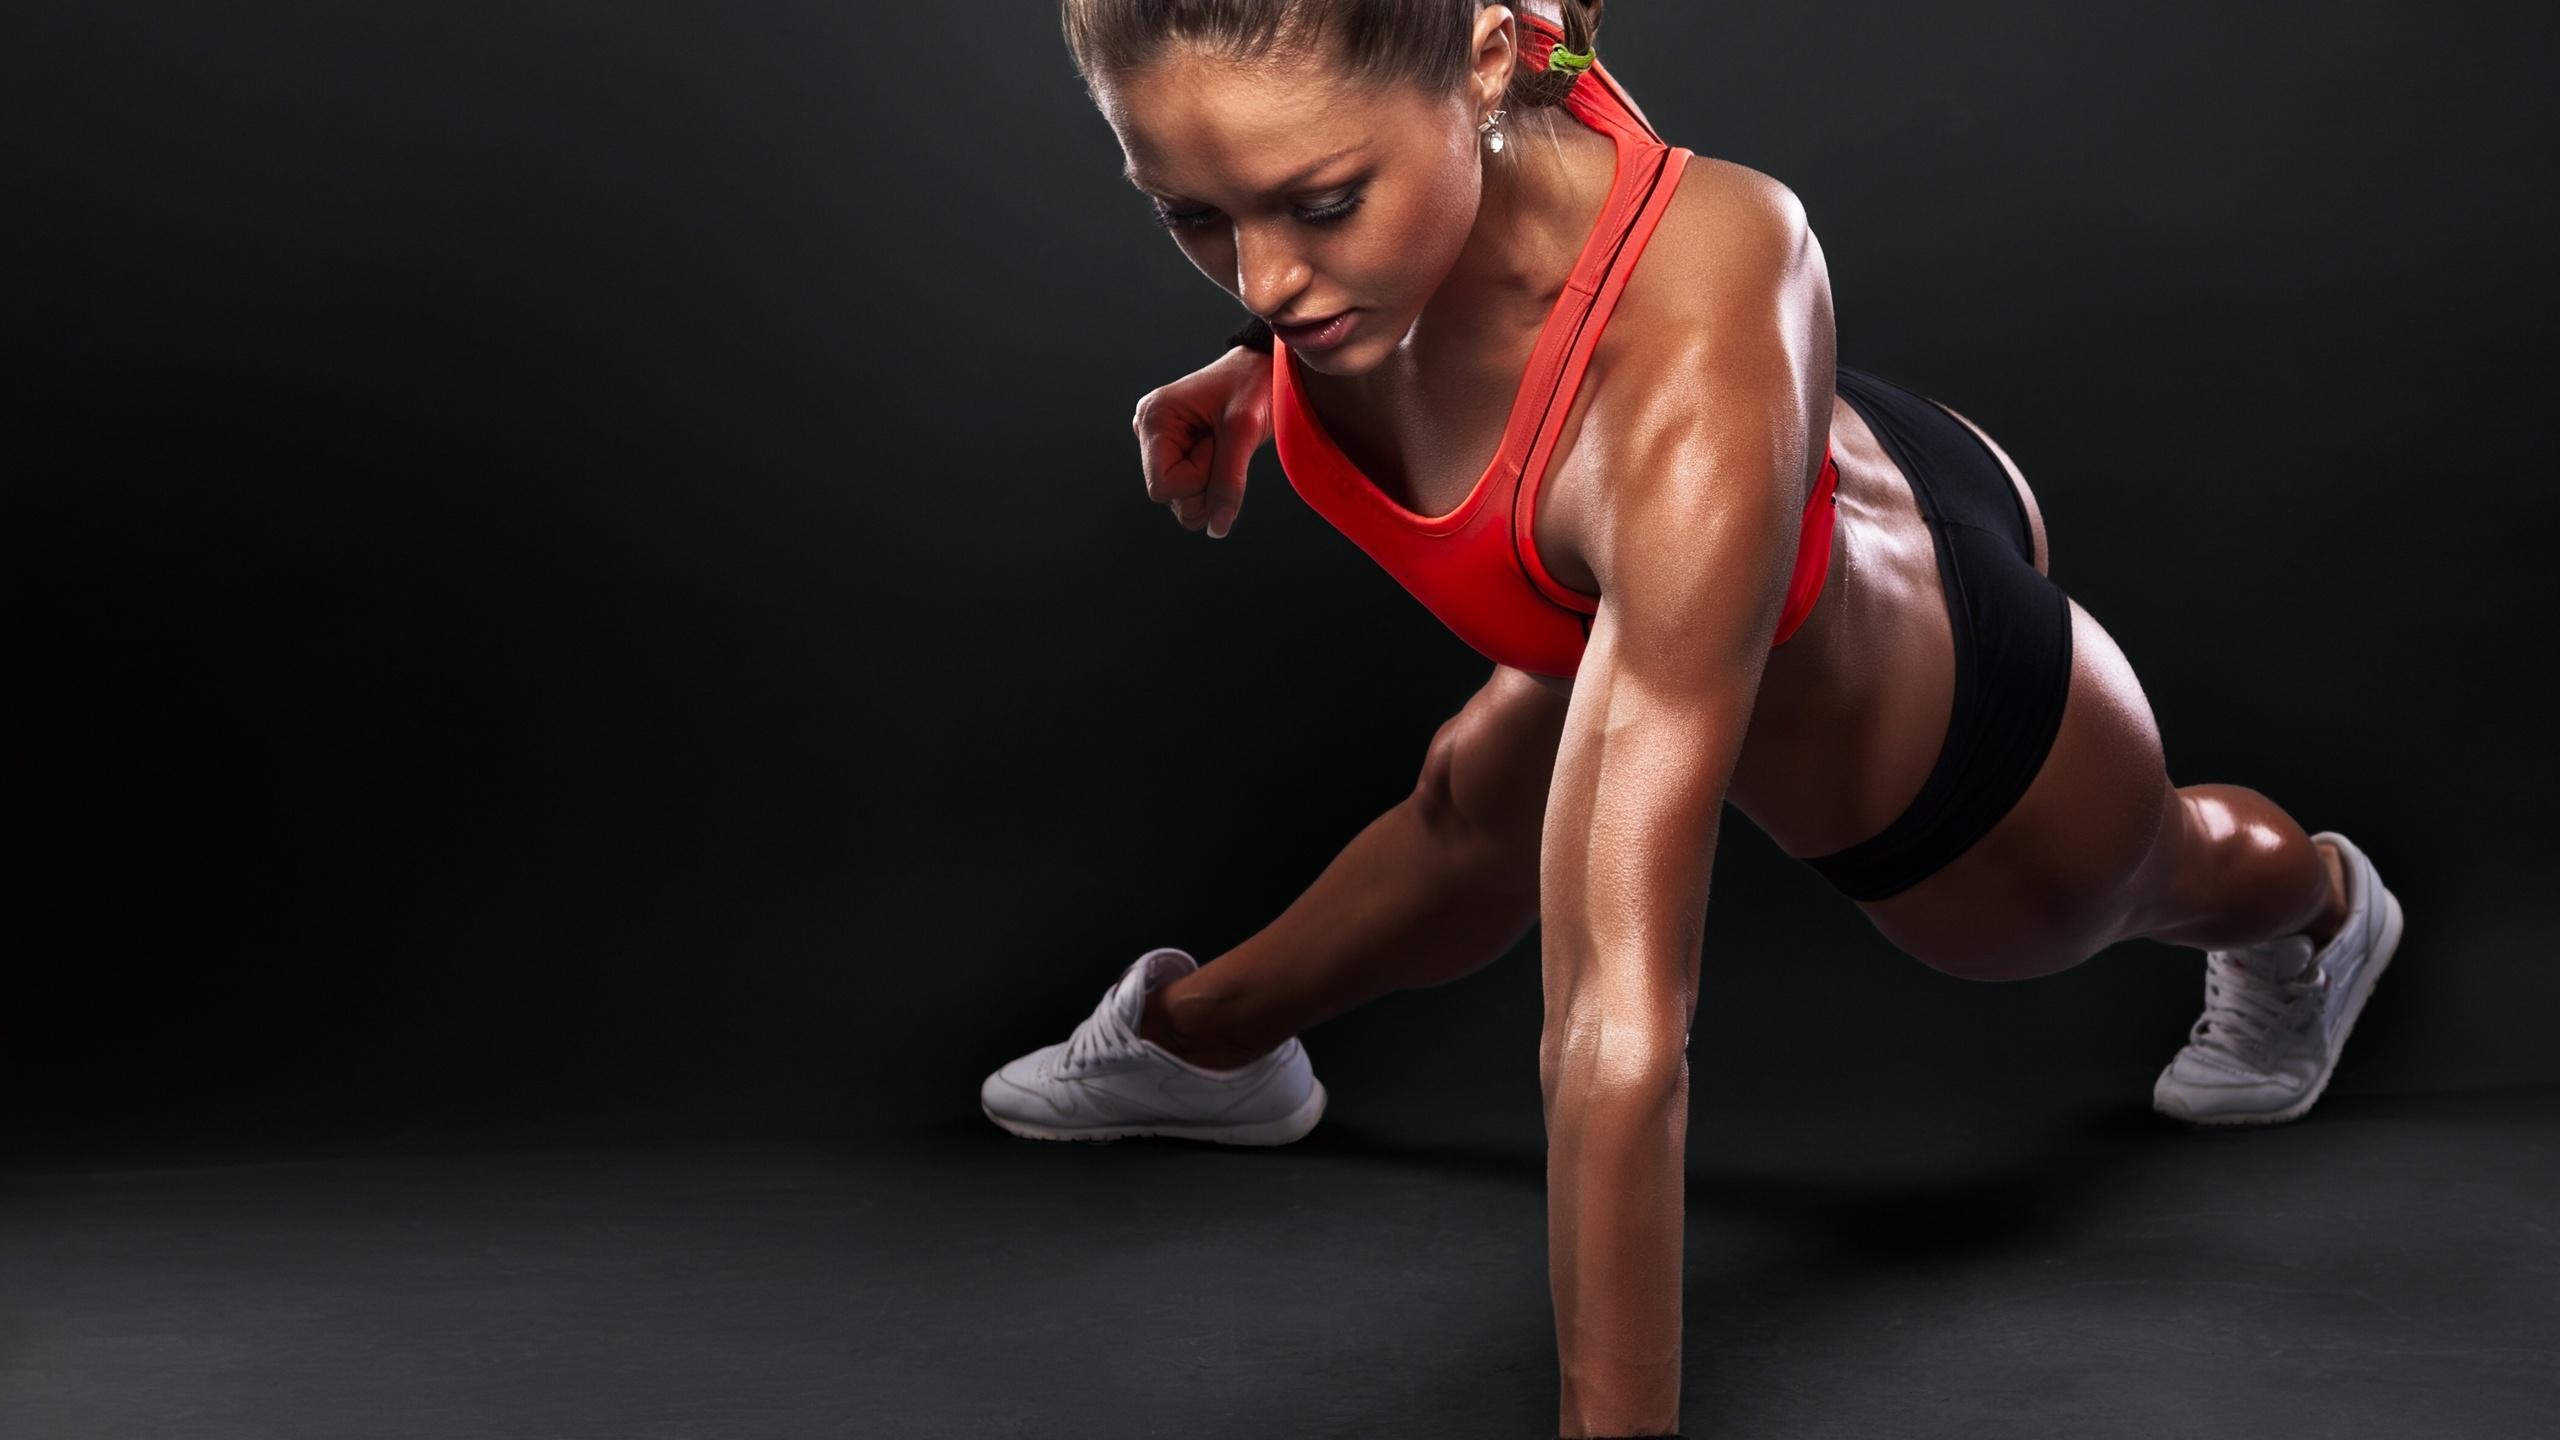 Lista della spesa per chi vuole aumentare la massa muscolare